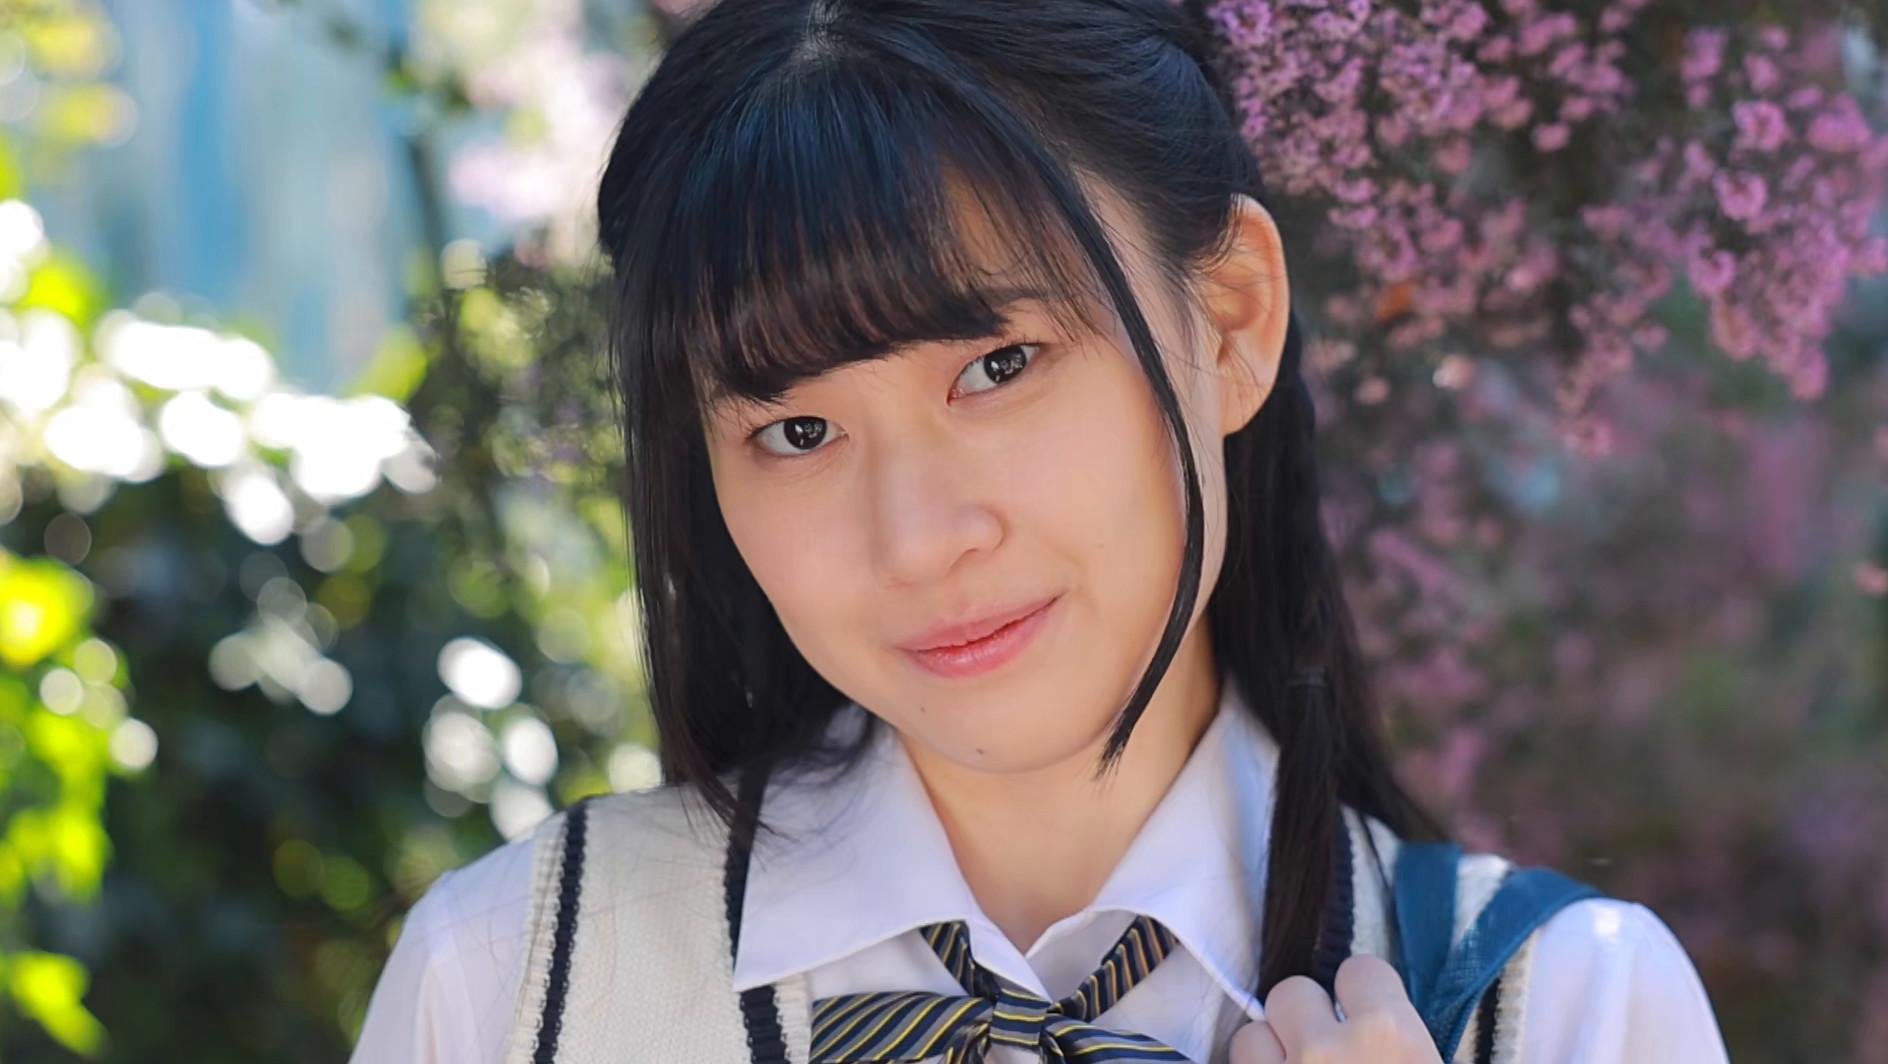 恋のスキャンダル 吉川瞳美 画像1